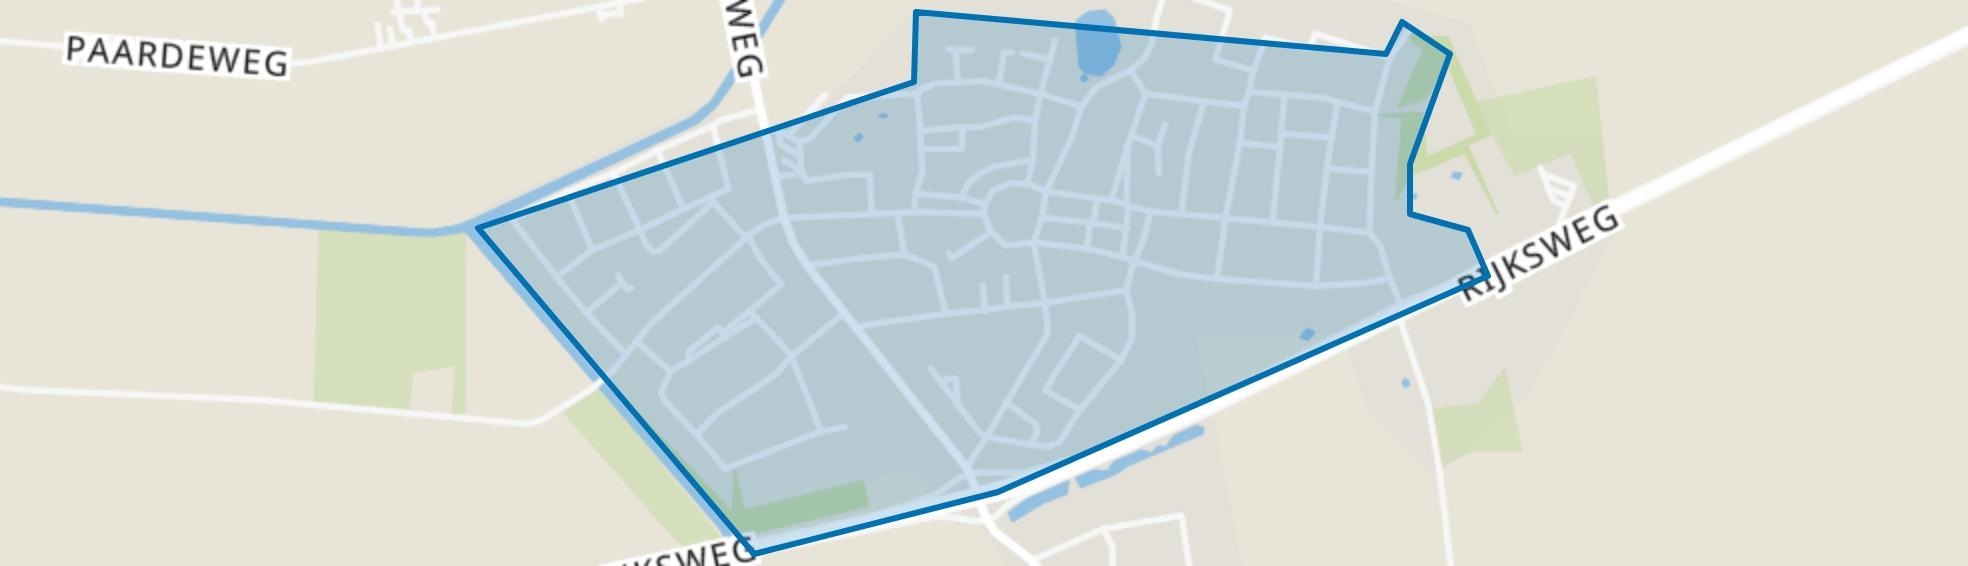 Nieuwerkerk, Nieuwerkerk map